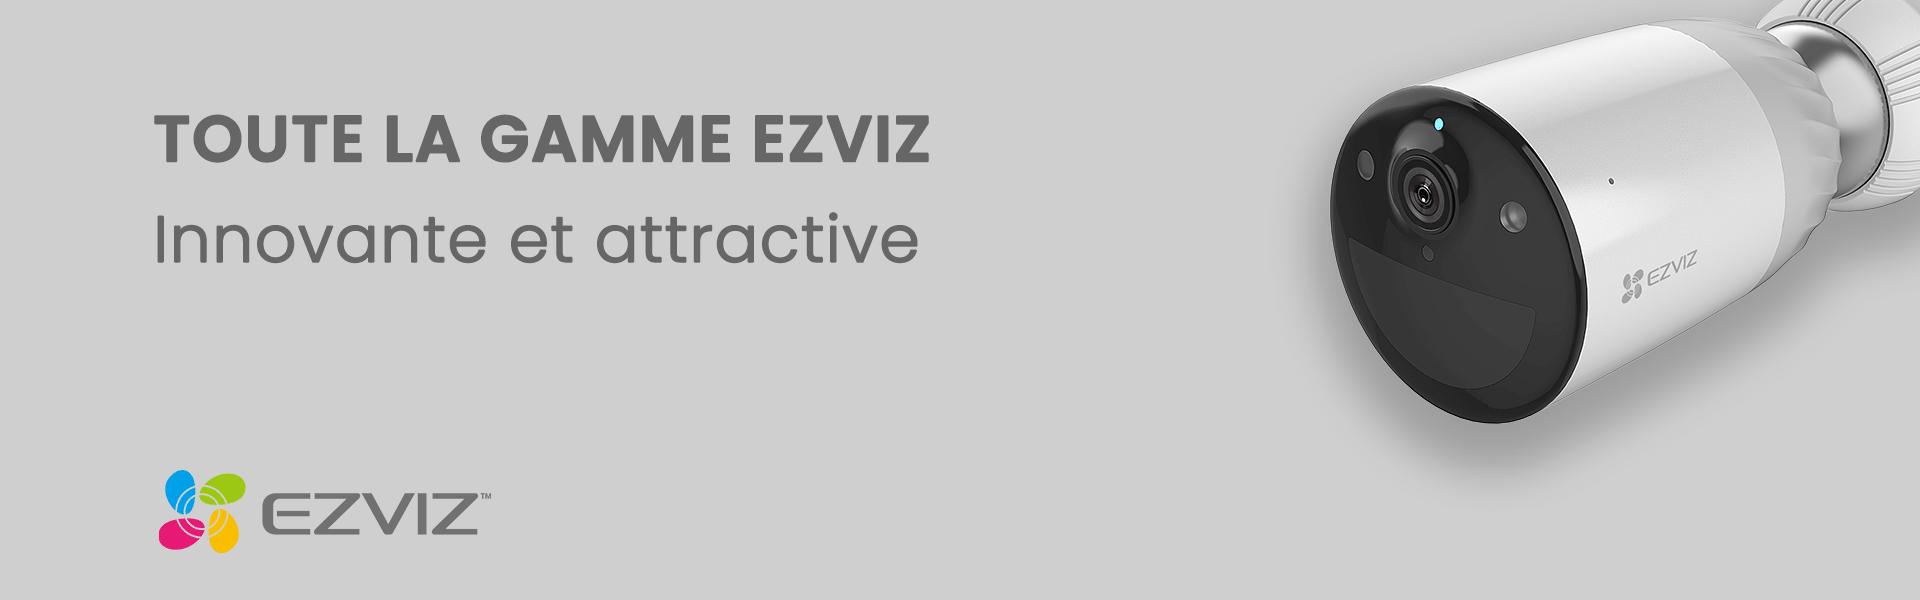 Ezviz1